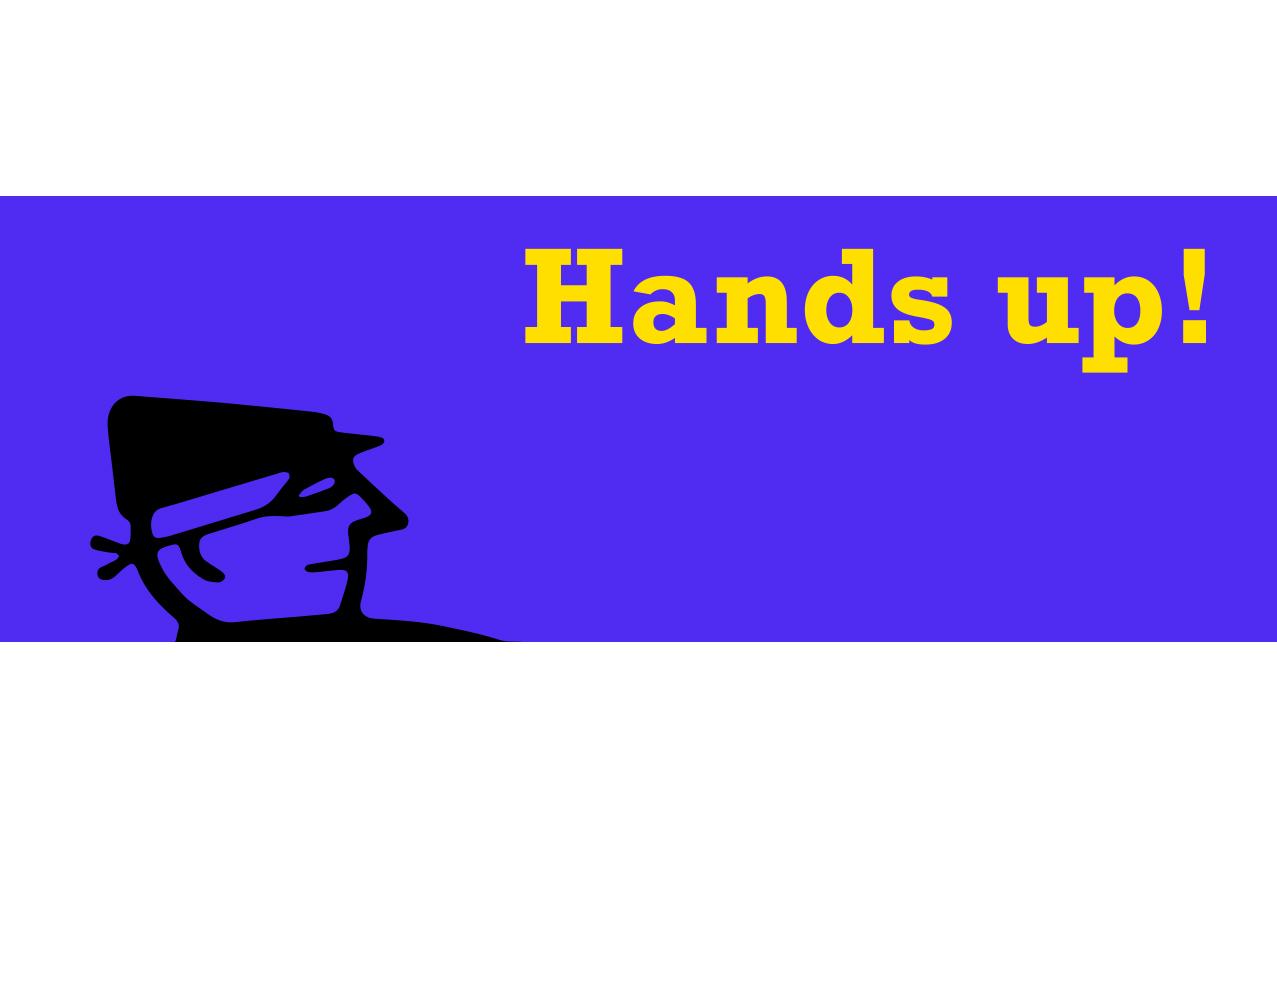 hands-up-logo-design2